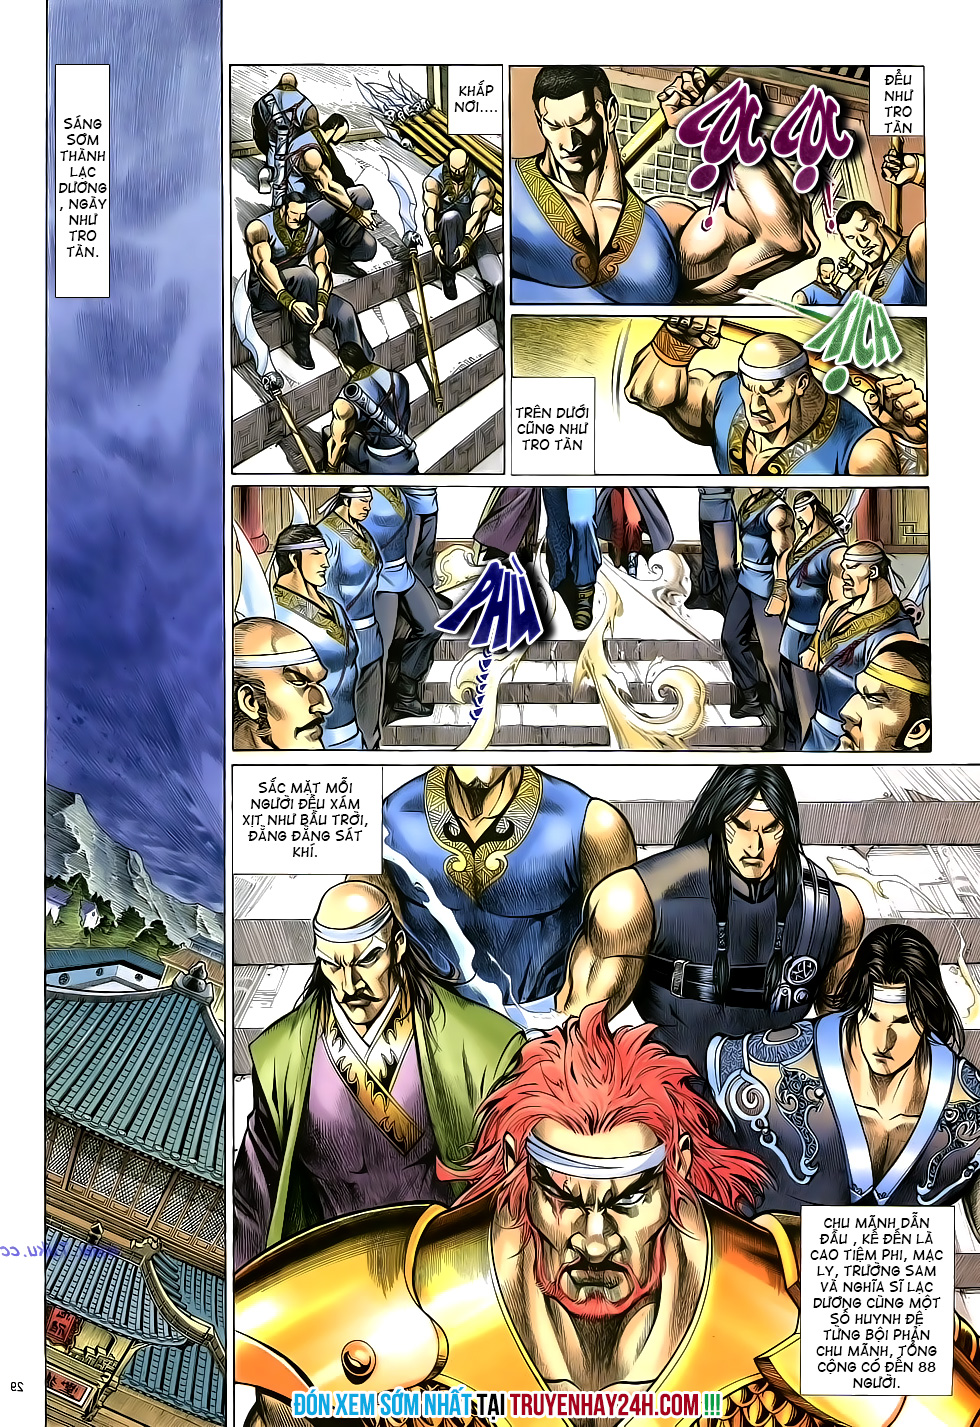 Anh hùng vô lệ Chap 16: Kiếm túy sư cuồng bất lưu đấu  trang 30